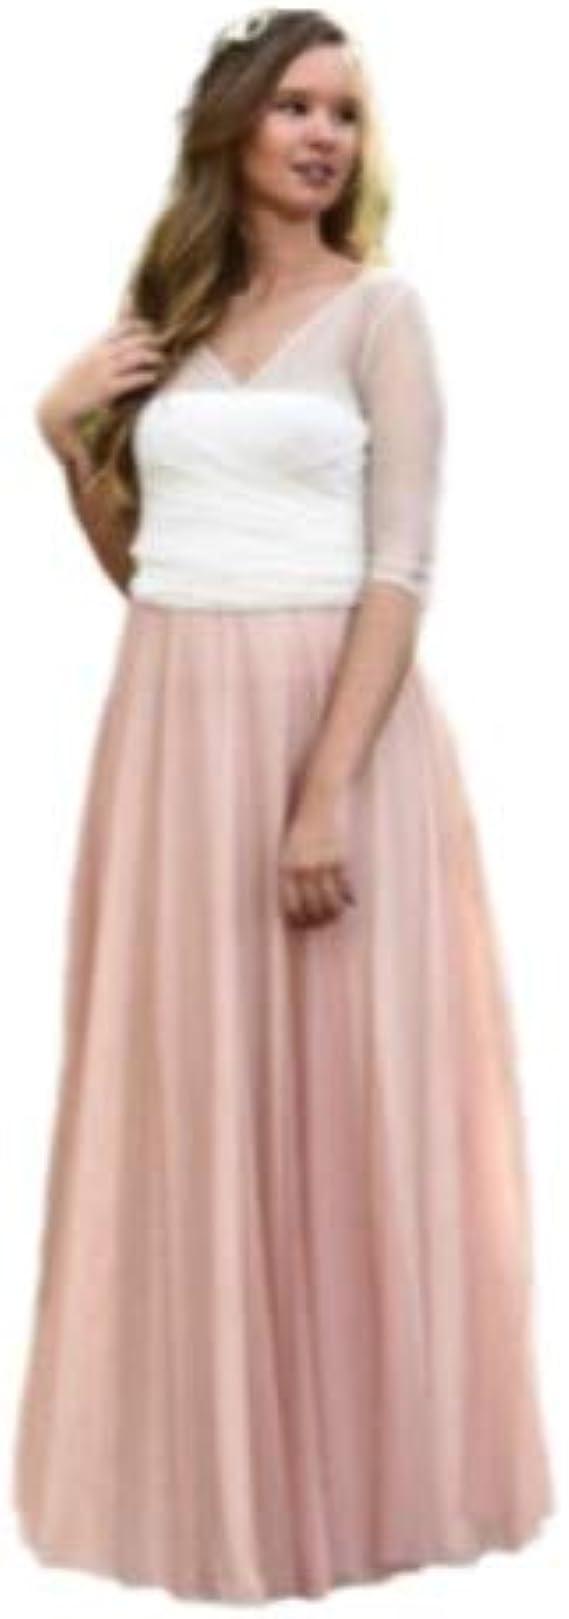 Vestido de Novia a Medida Traje de Boda Mujer Largo de Tul Romántico para Boda Civil o Religiosa: Amazon.es: Ropa y accesorios